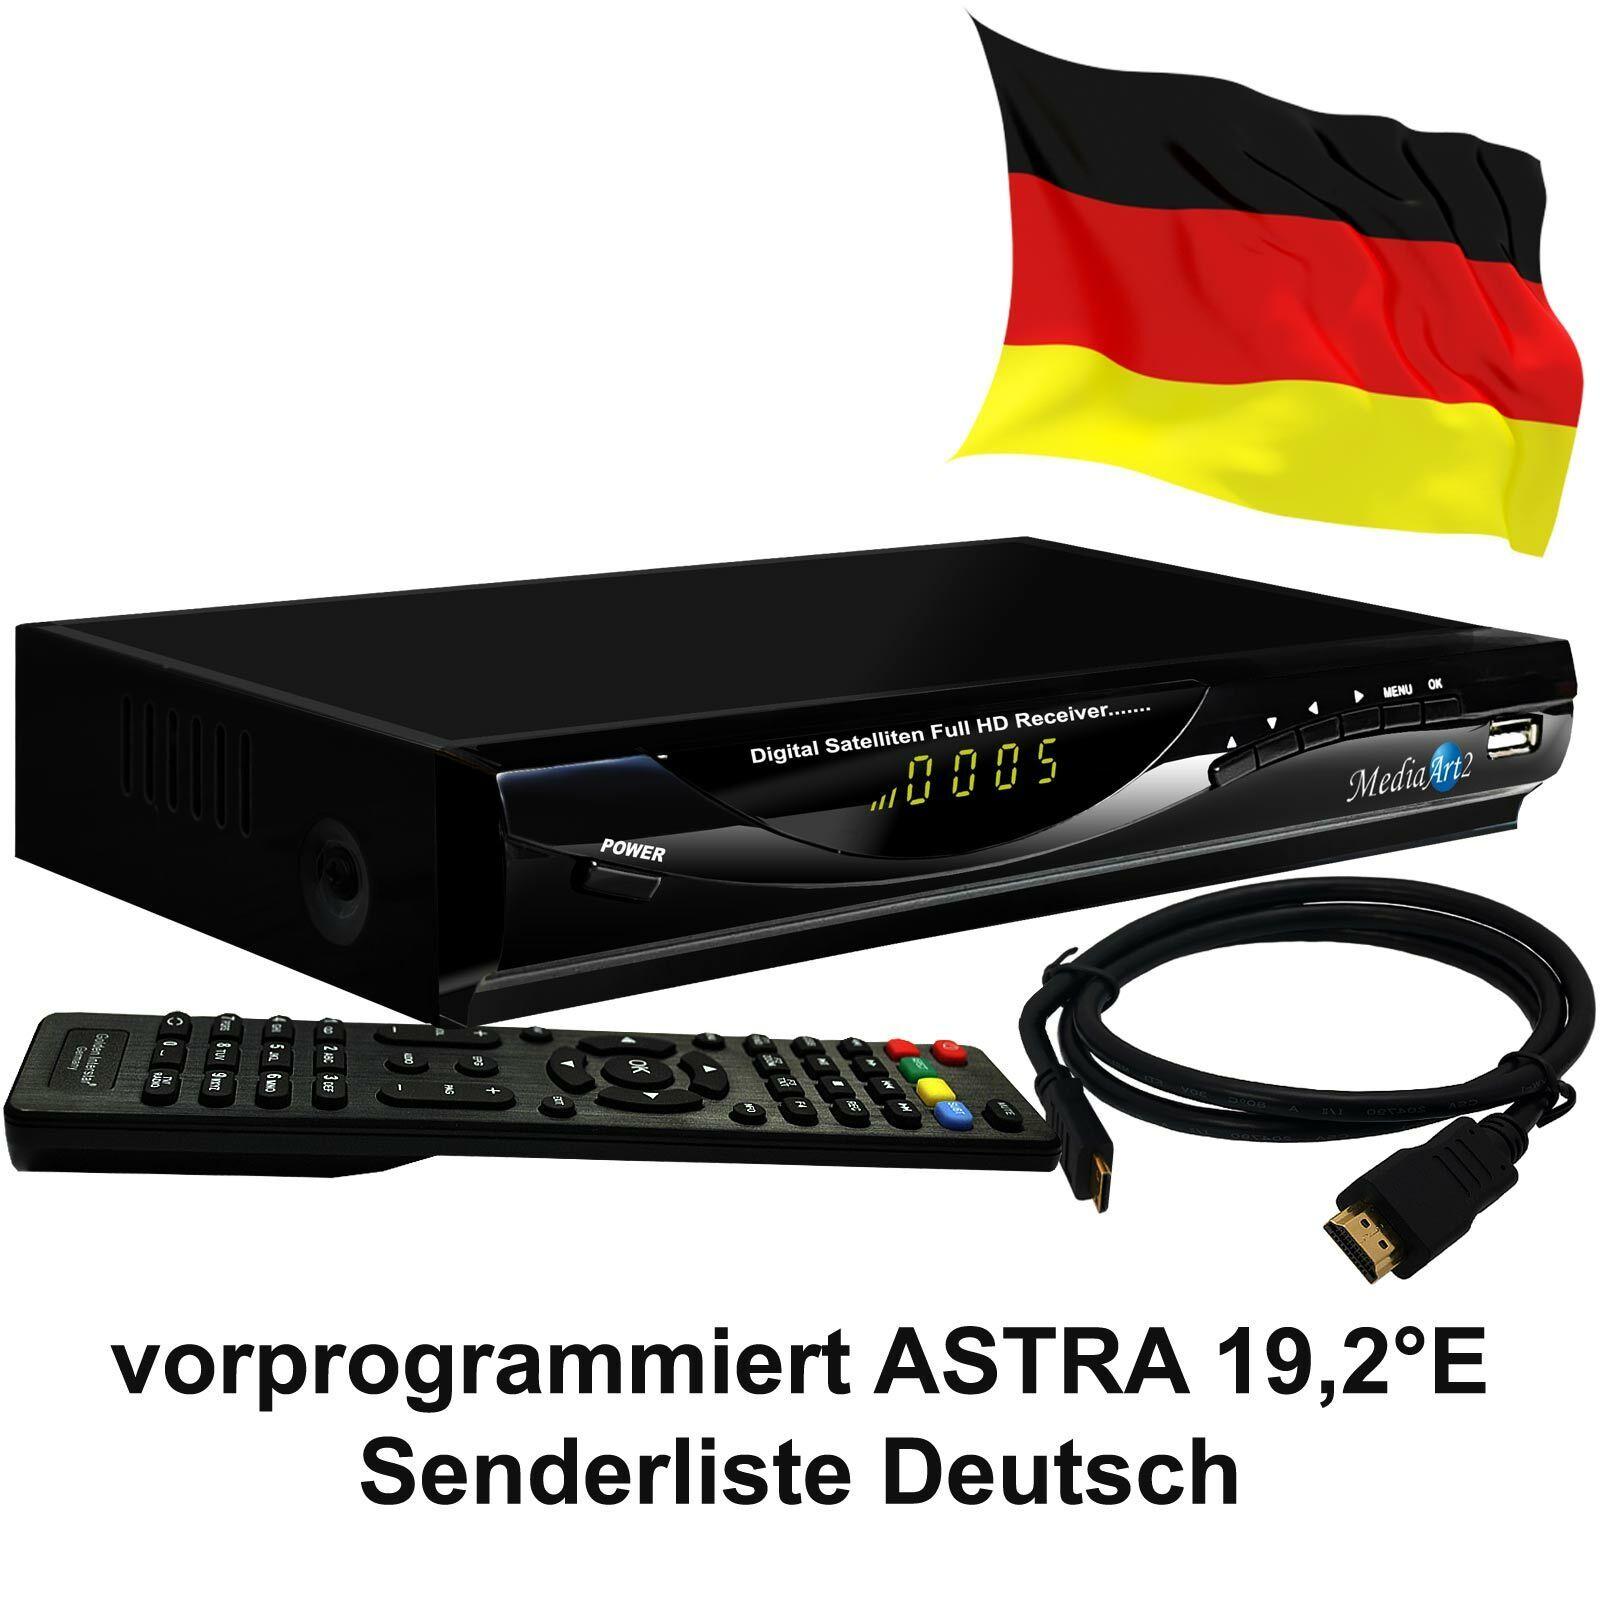 Sat Receiver MEDIAART-2 vorbereit Deutsche Senderliste FULL HD Digital HDMI USB